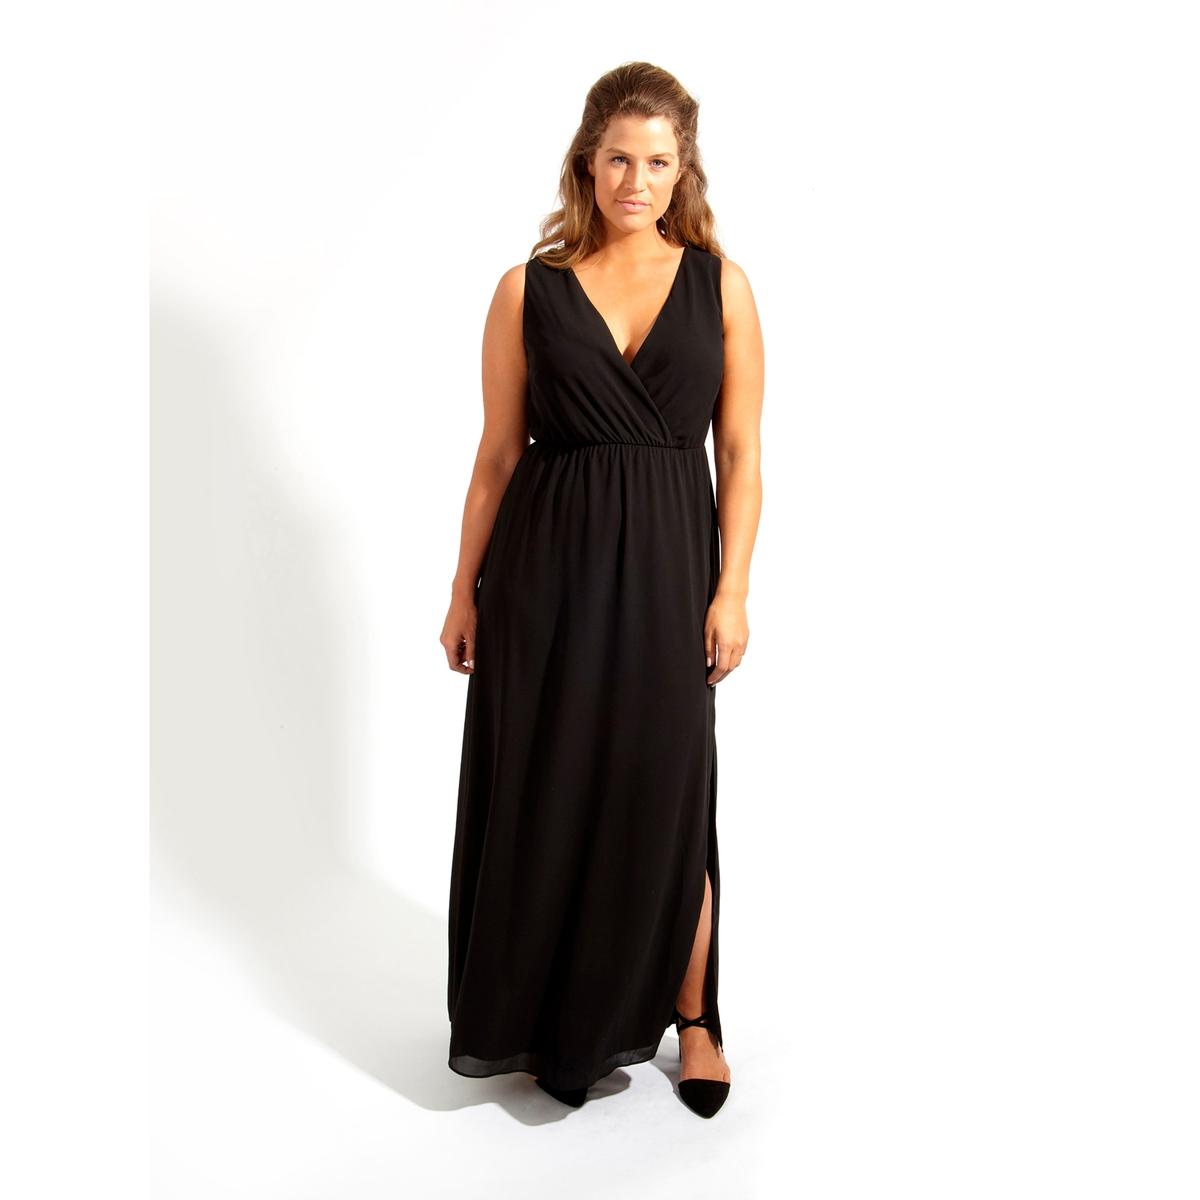 ПлатьеПлатье длинное KOKO BY KOKO. Симпатичное платье макси без рукавов с разрезом до колена . 100% полиэстер<br><br>Цвет: черный<br>Размер: 50/52 (FR) - 56/58 (RUS)